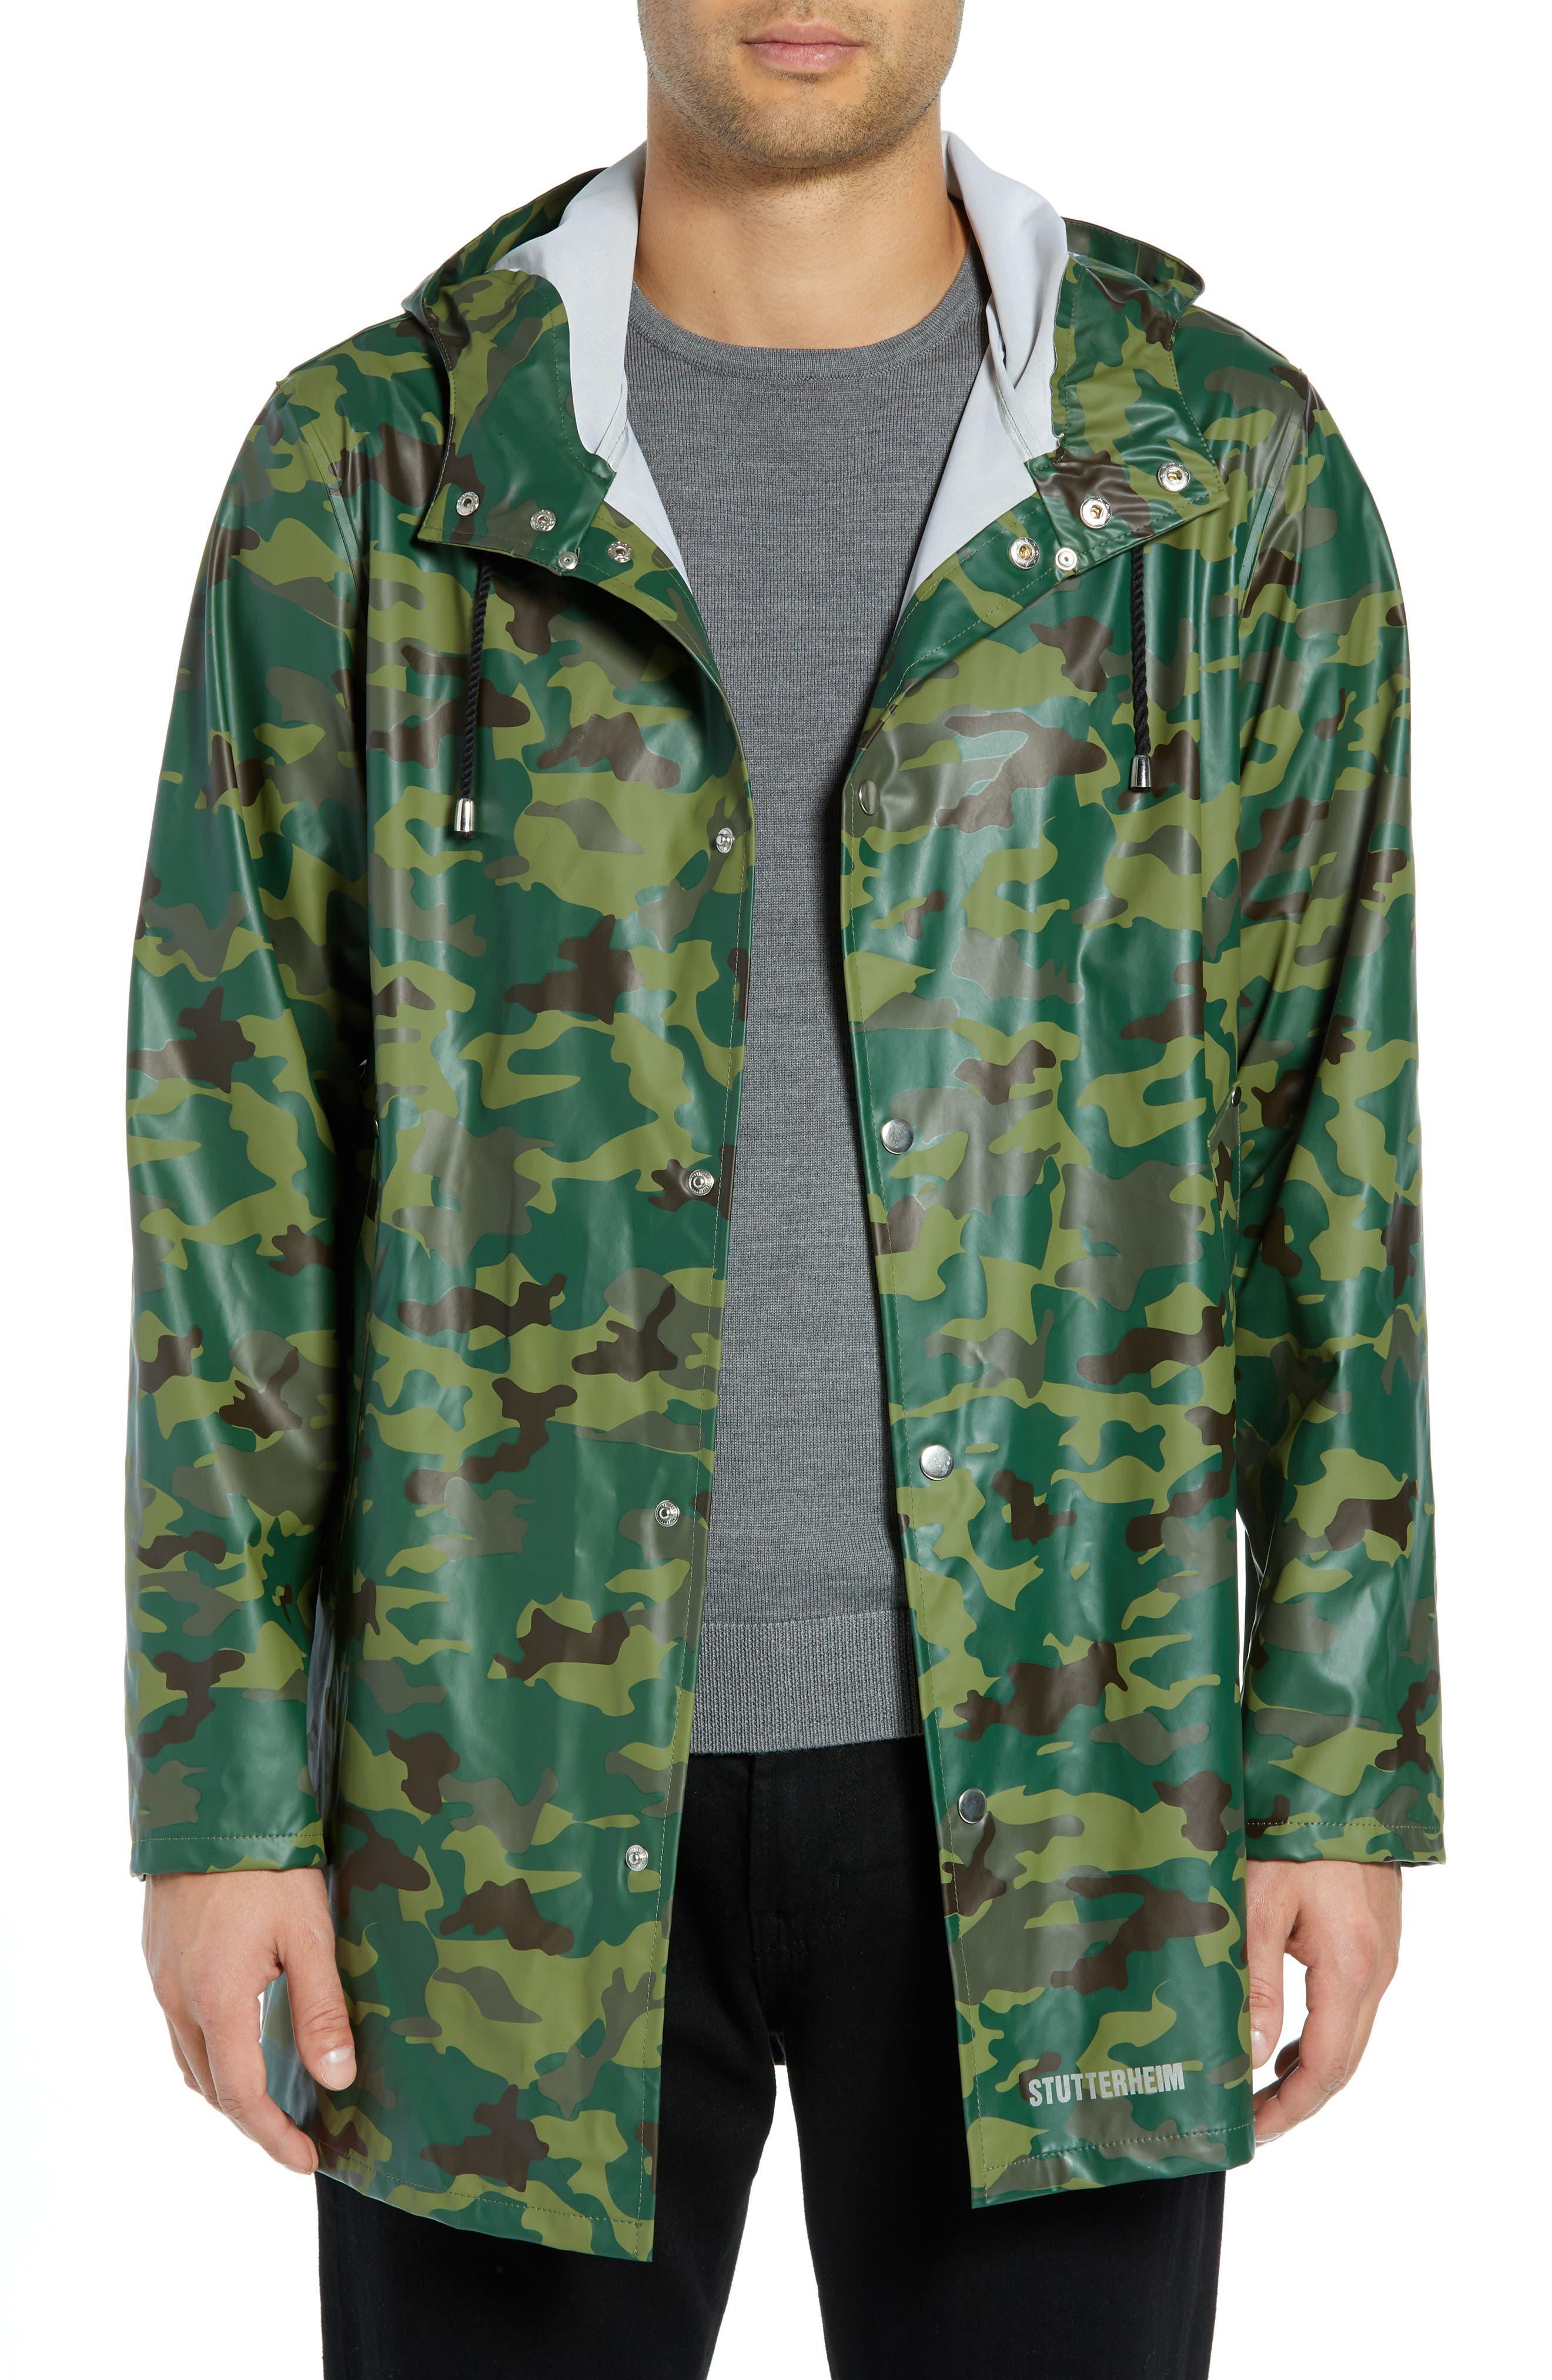 Stutterheim Stockholm Lightweight Waterproof Rain Jacket, Green